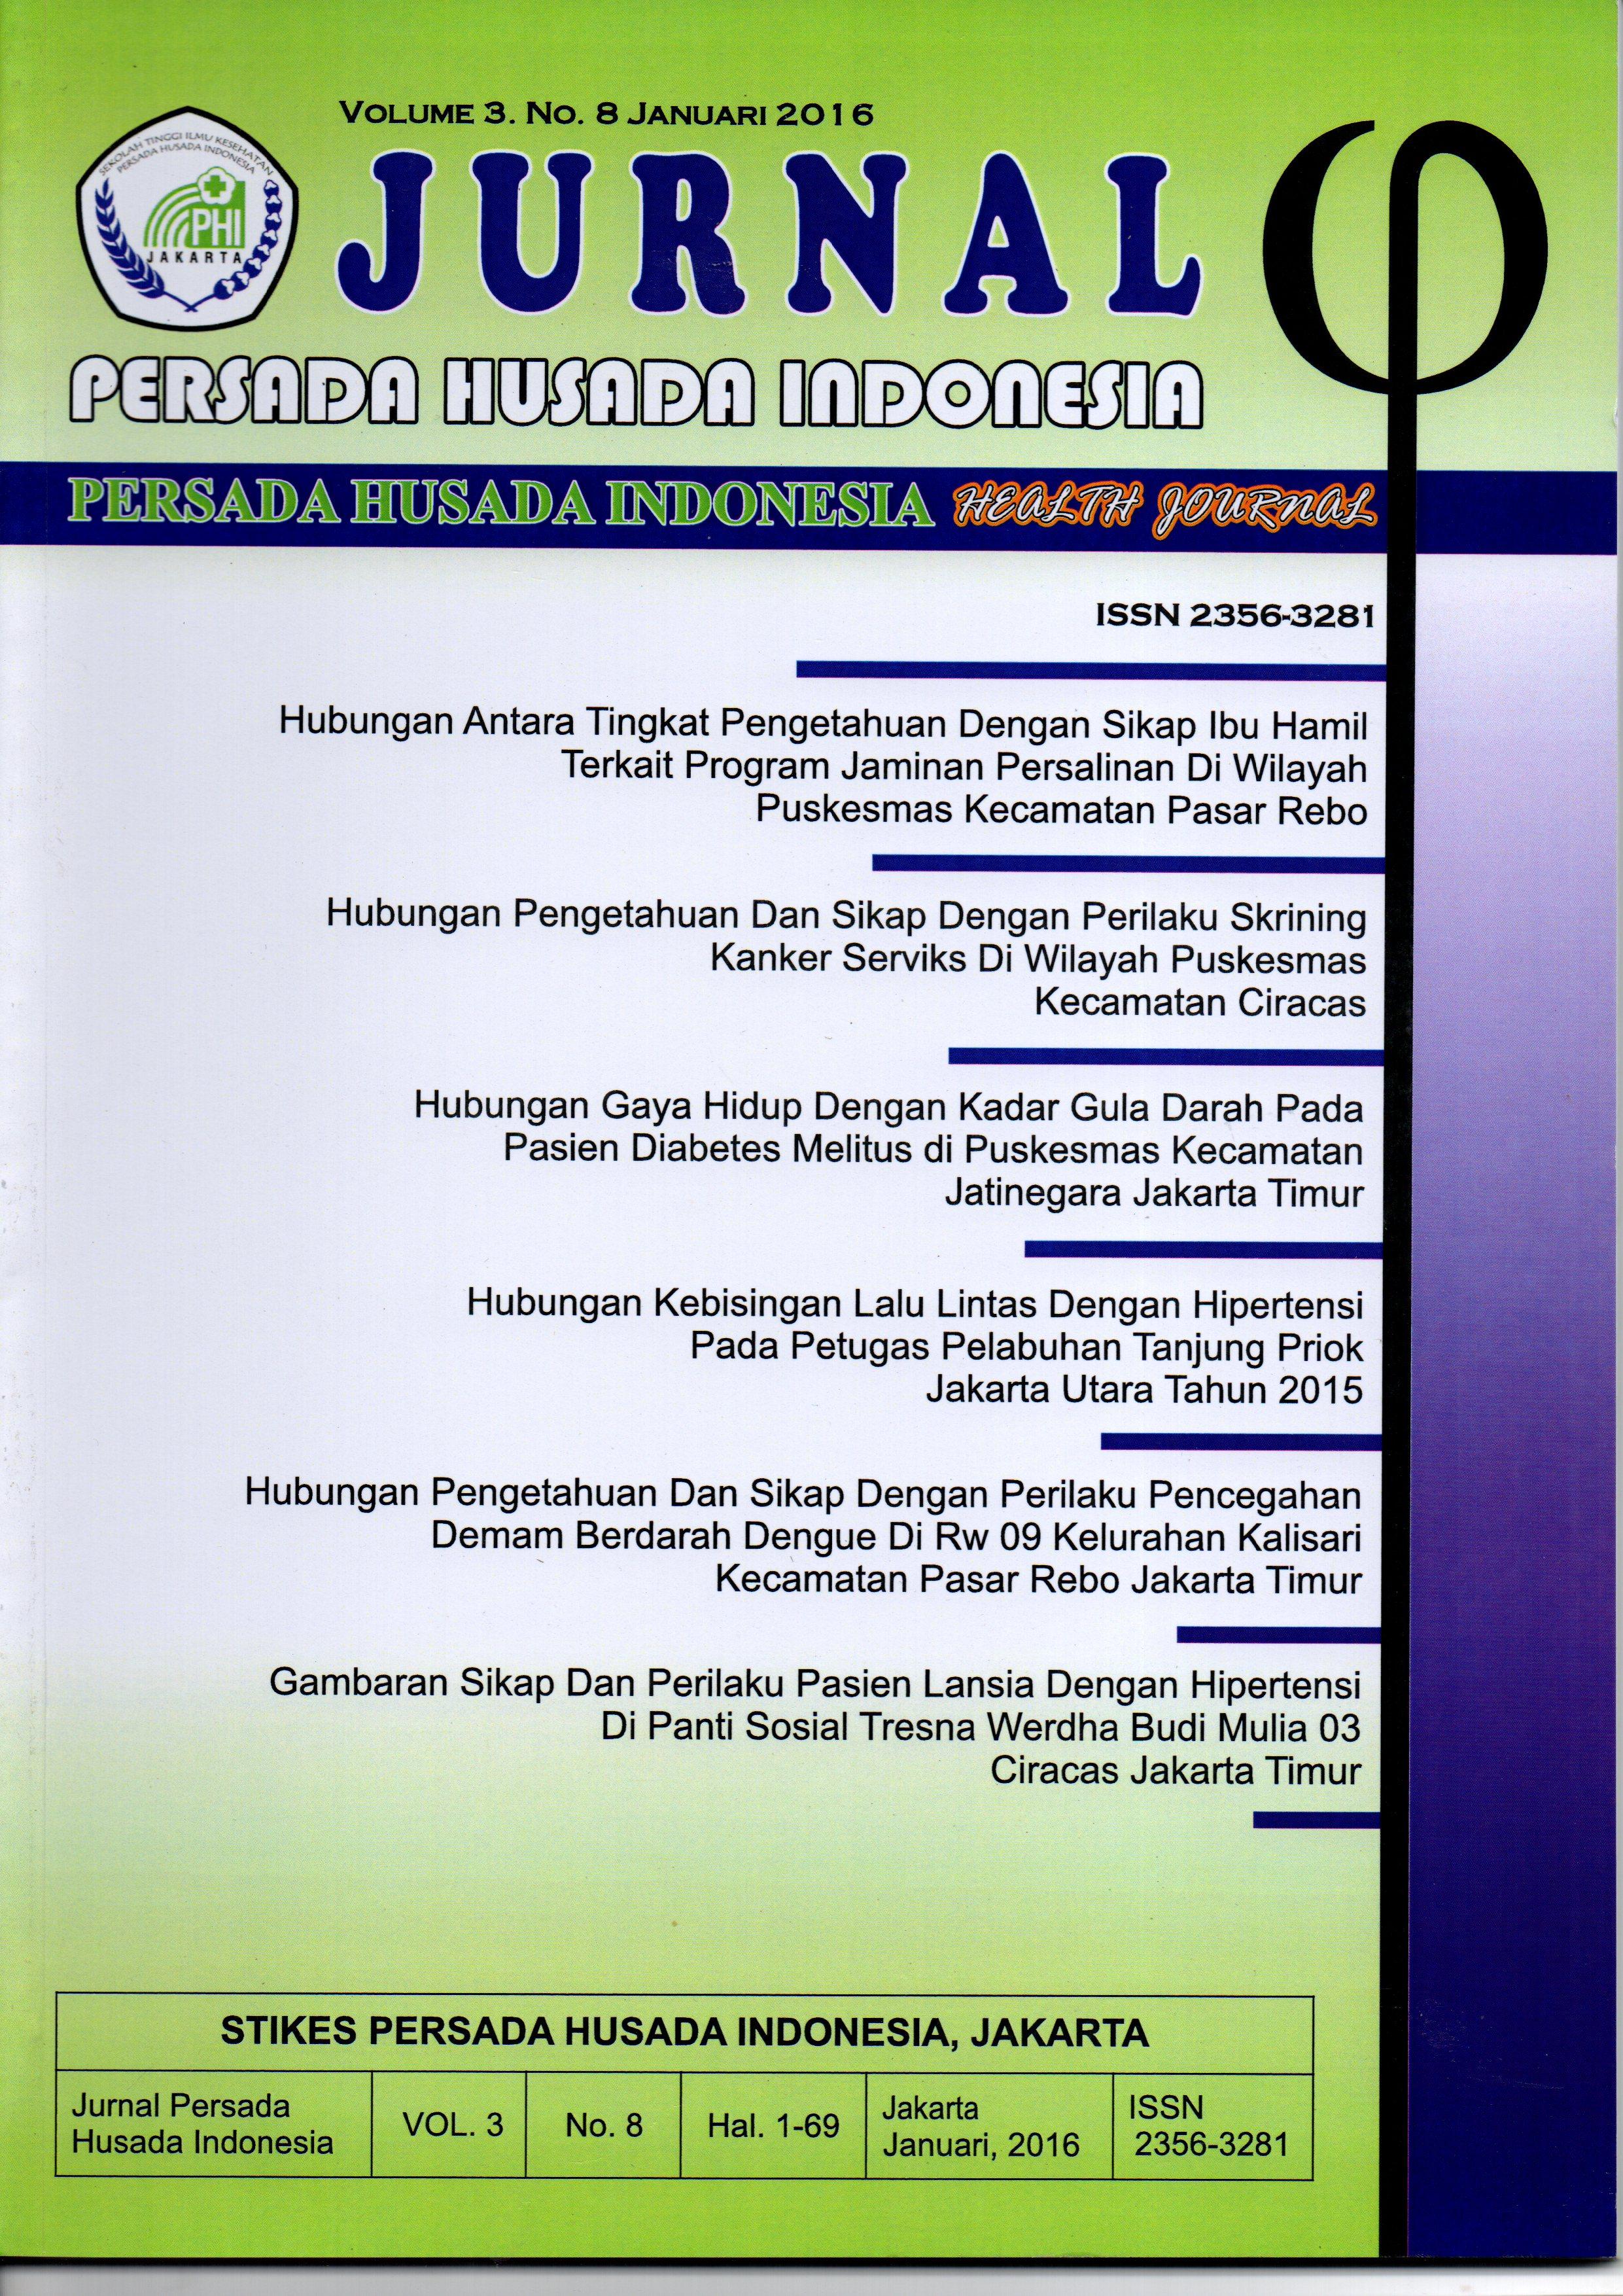 Cover Vol 3 No 8 Januari 2016